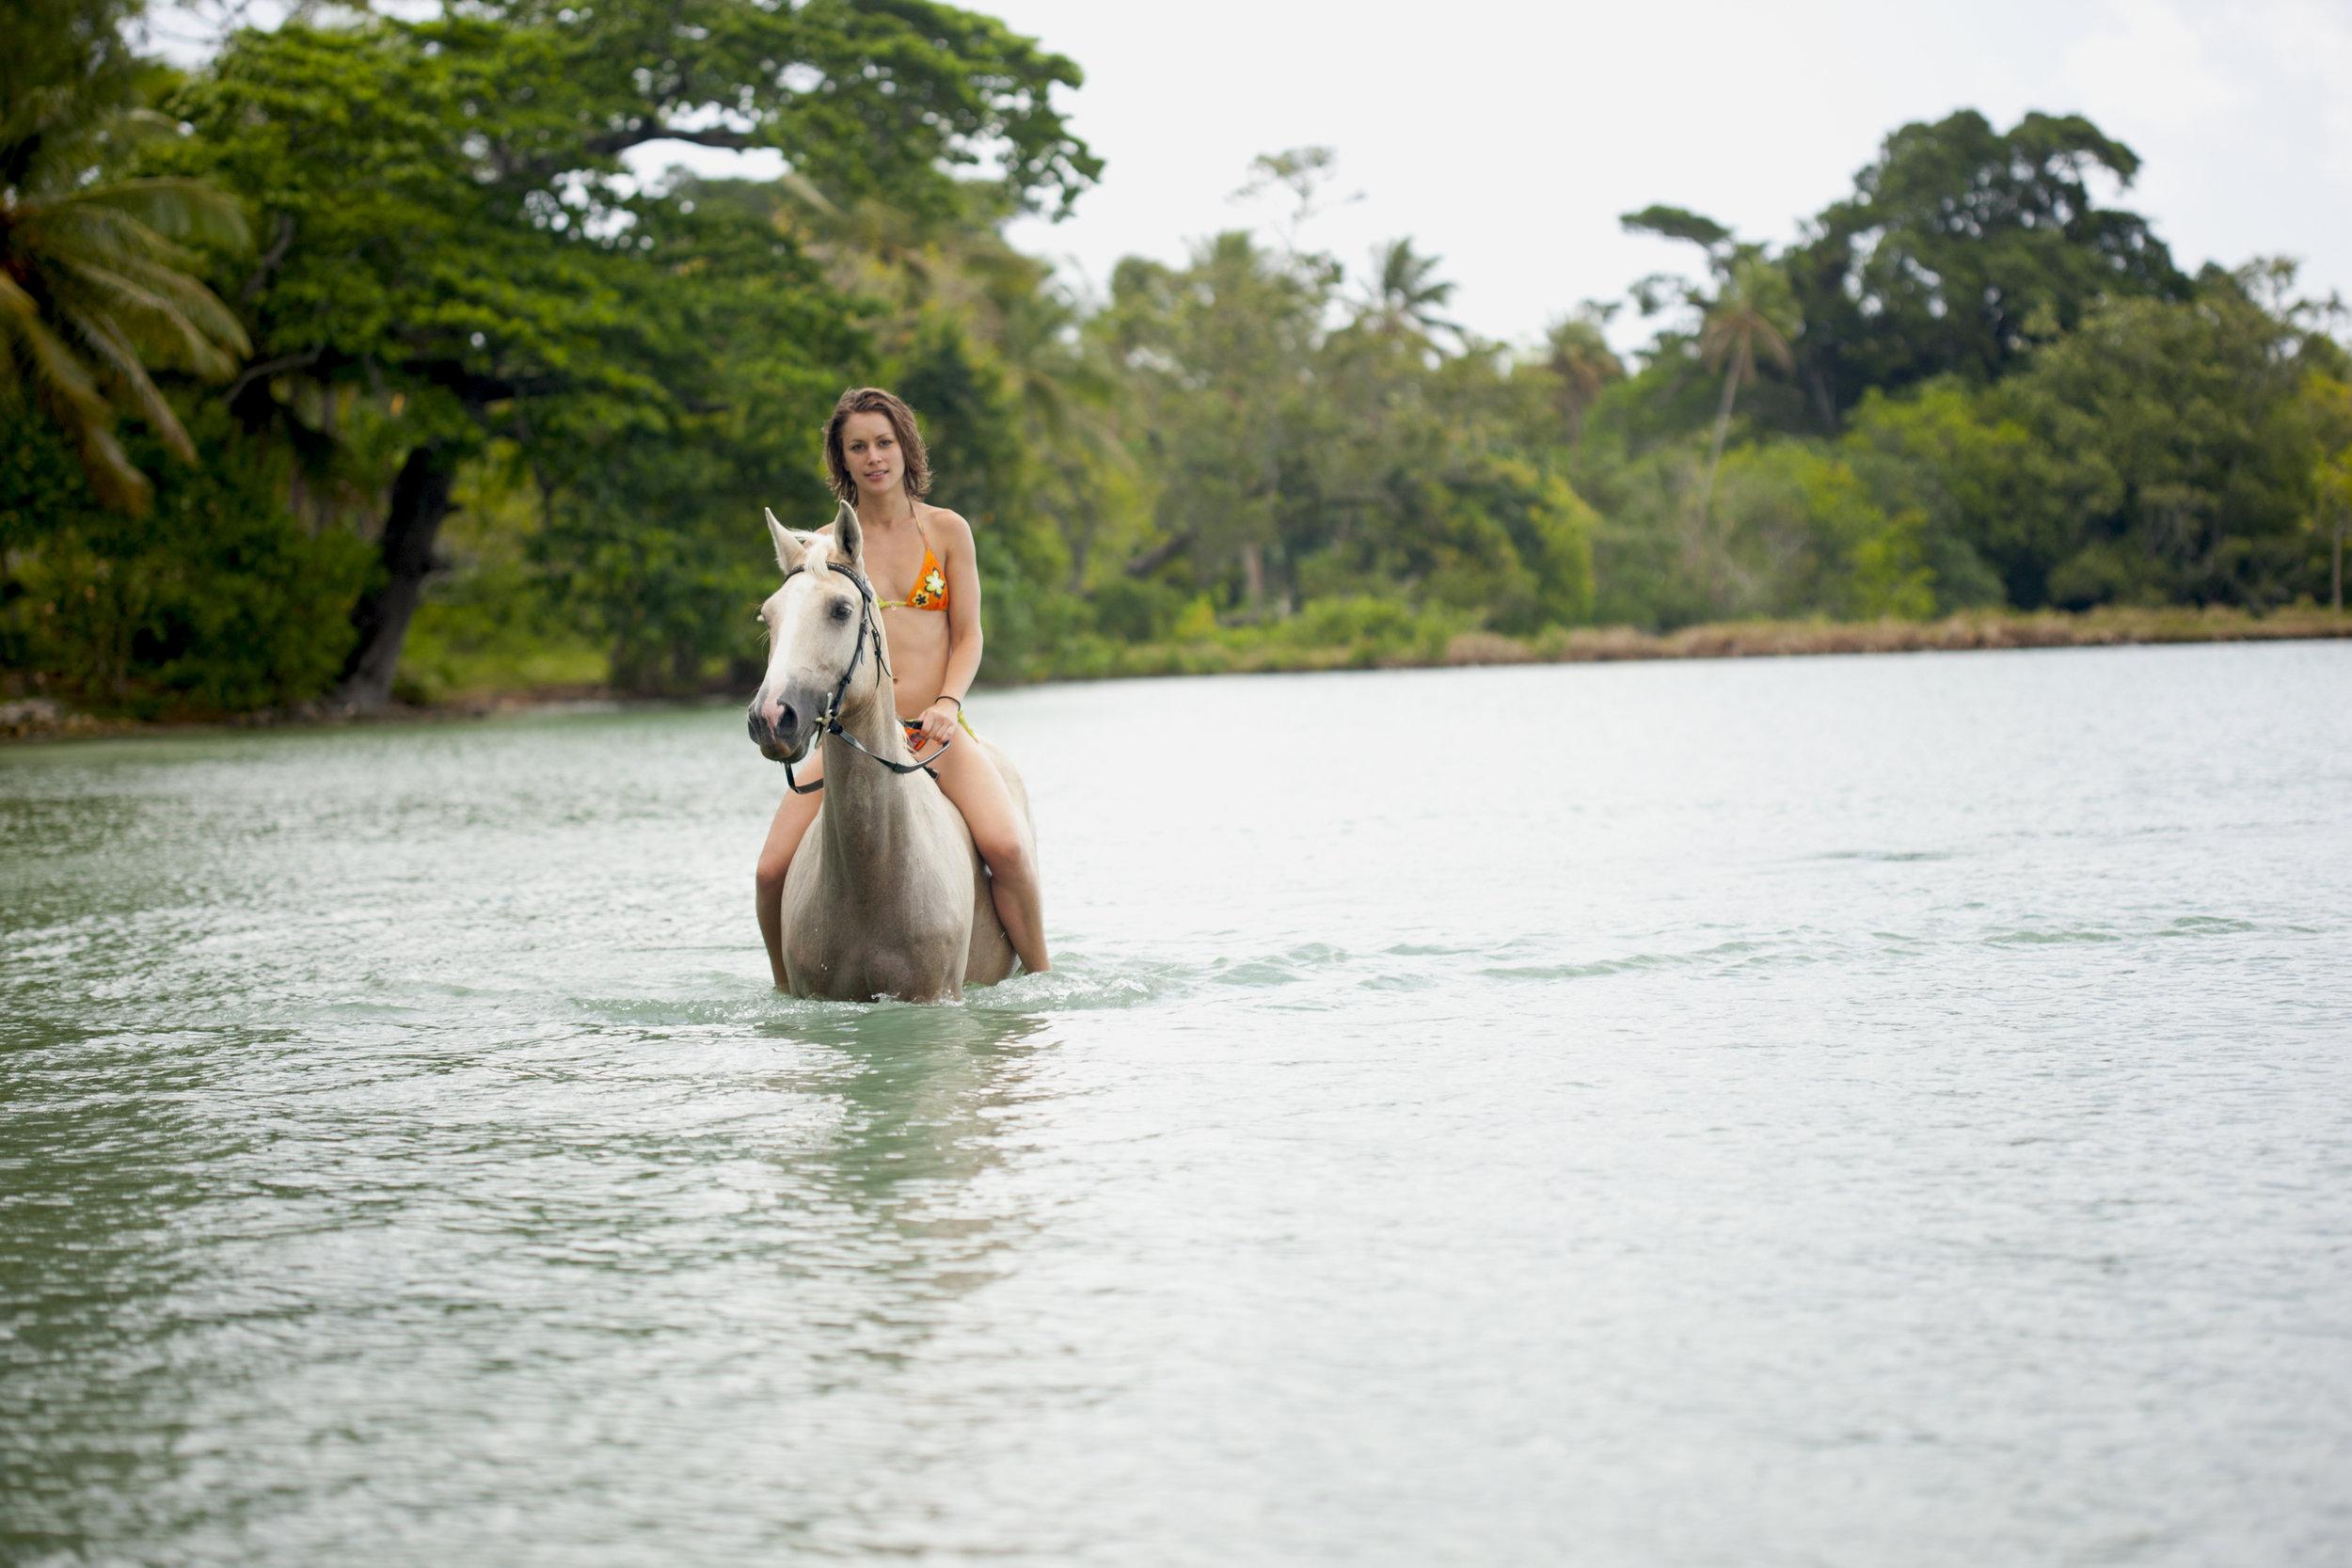 horseriding_034.jpg